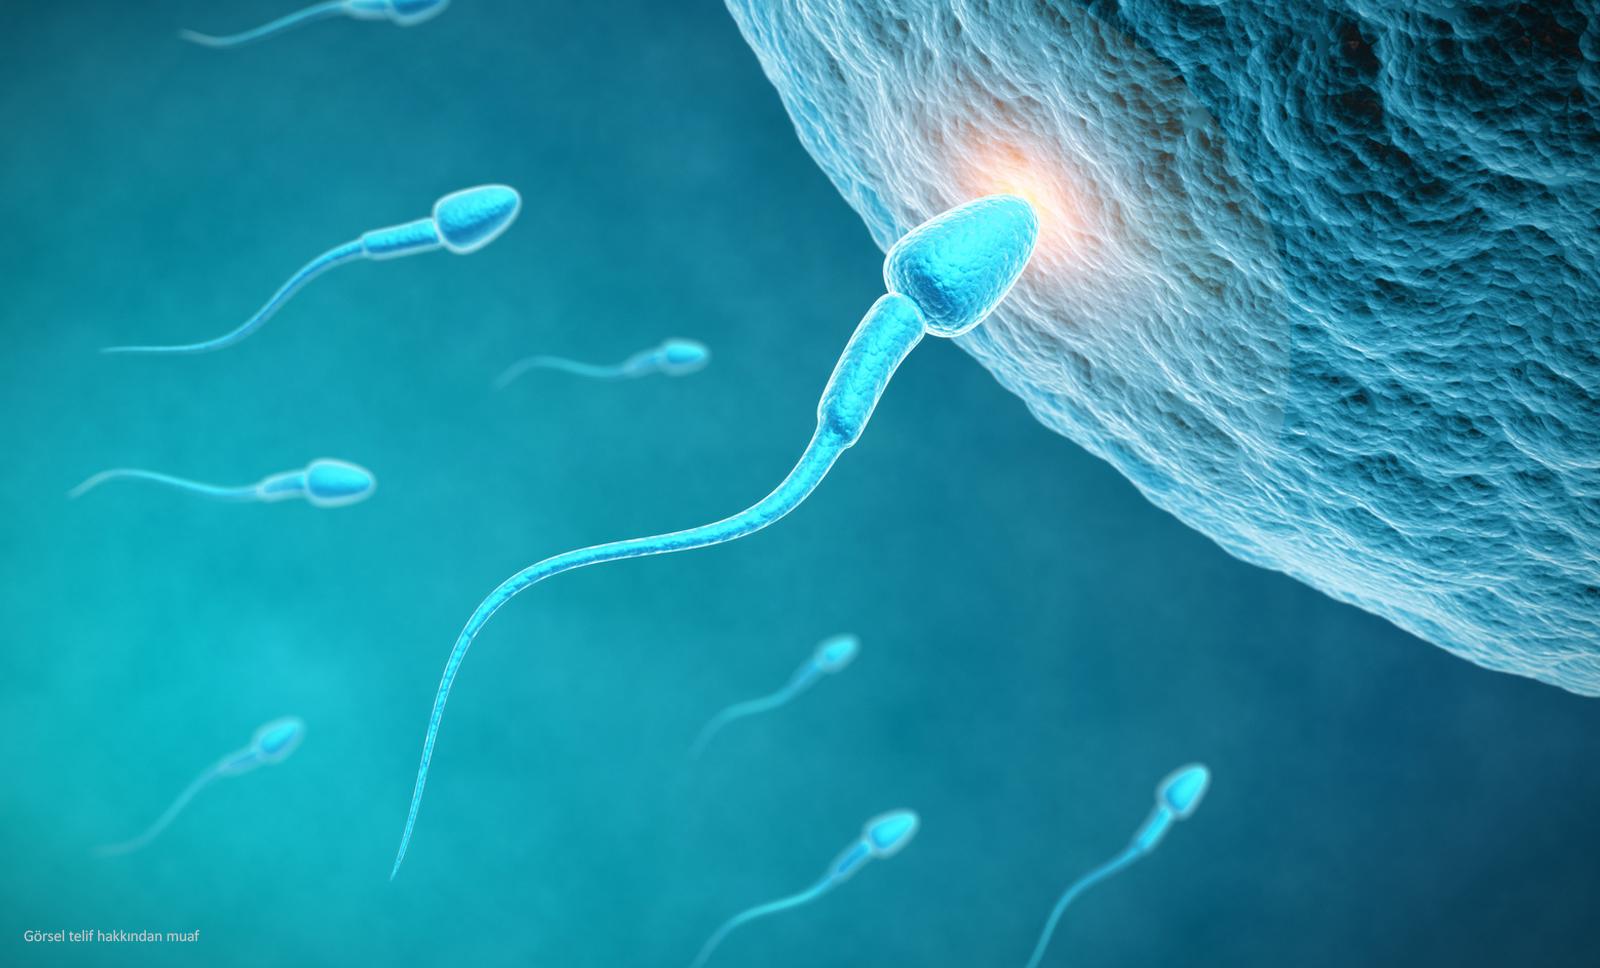 ochishenie-spermi-pered-zachatiem